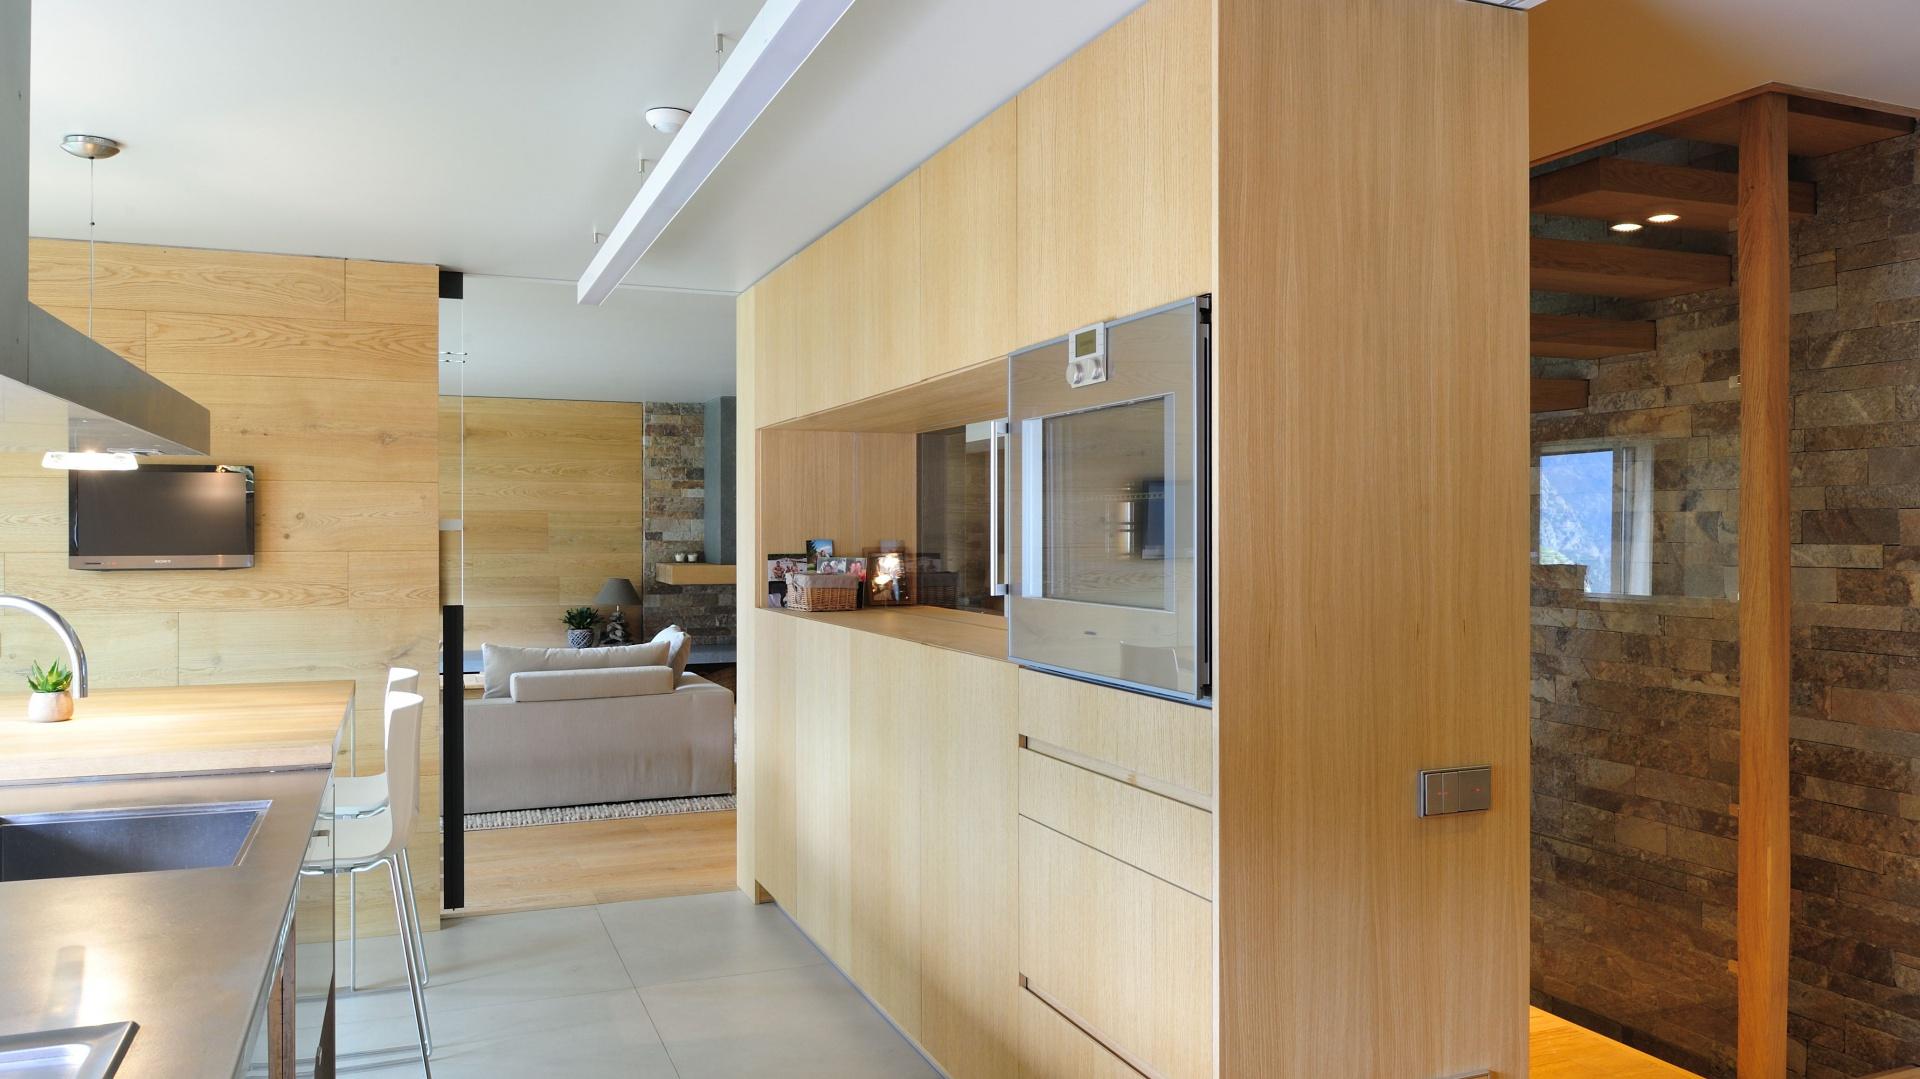 Przestrze kuchni zamyka przytulne wn trze jasne i - Coblonal arquitectura ...